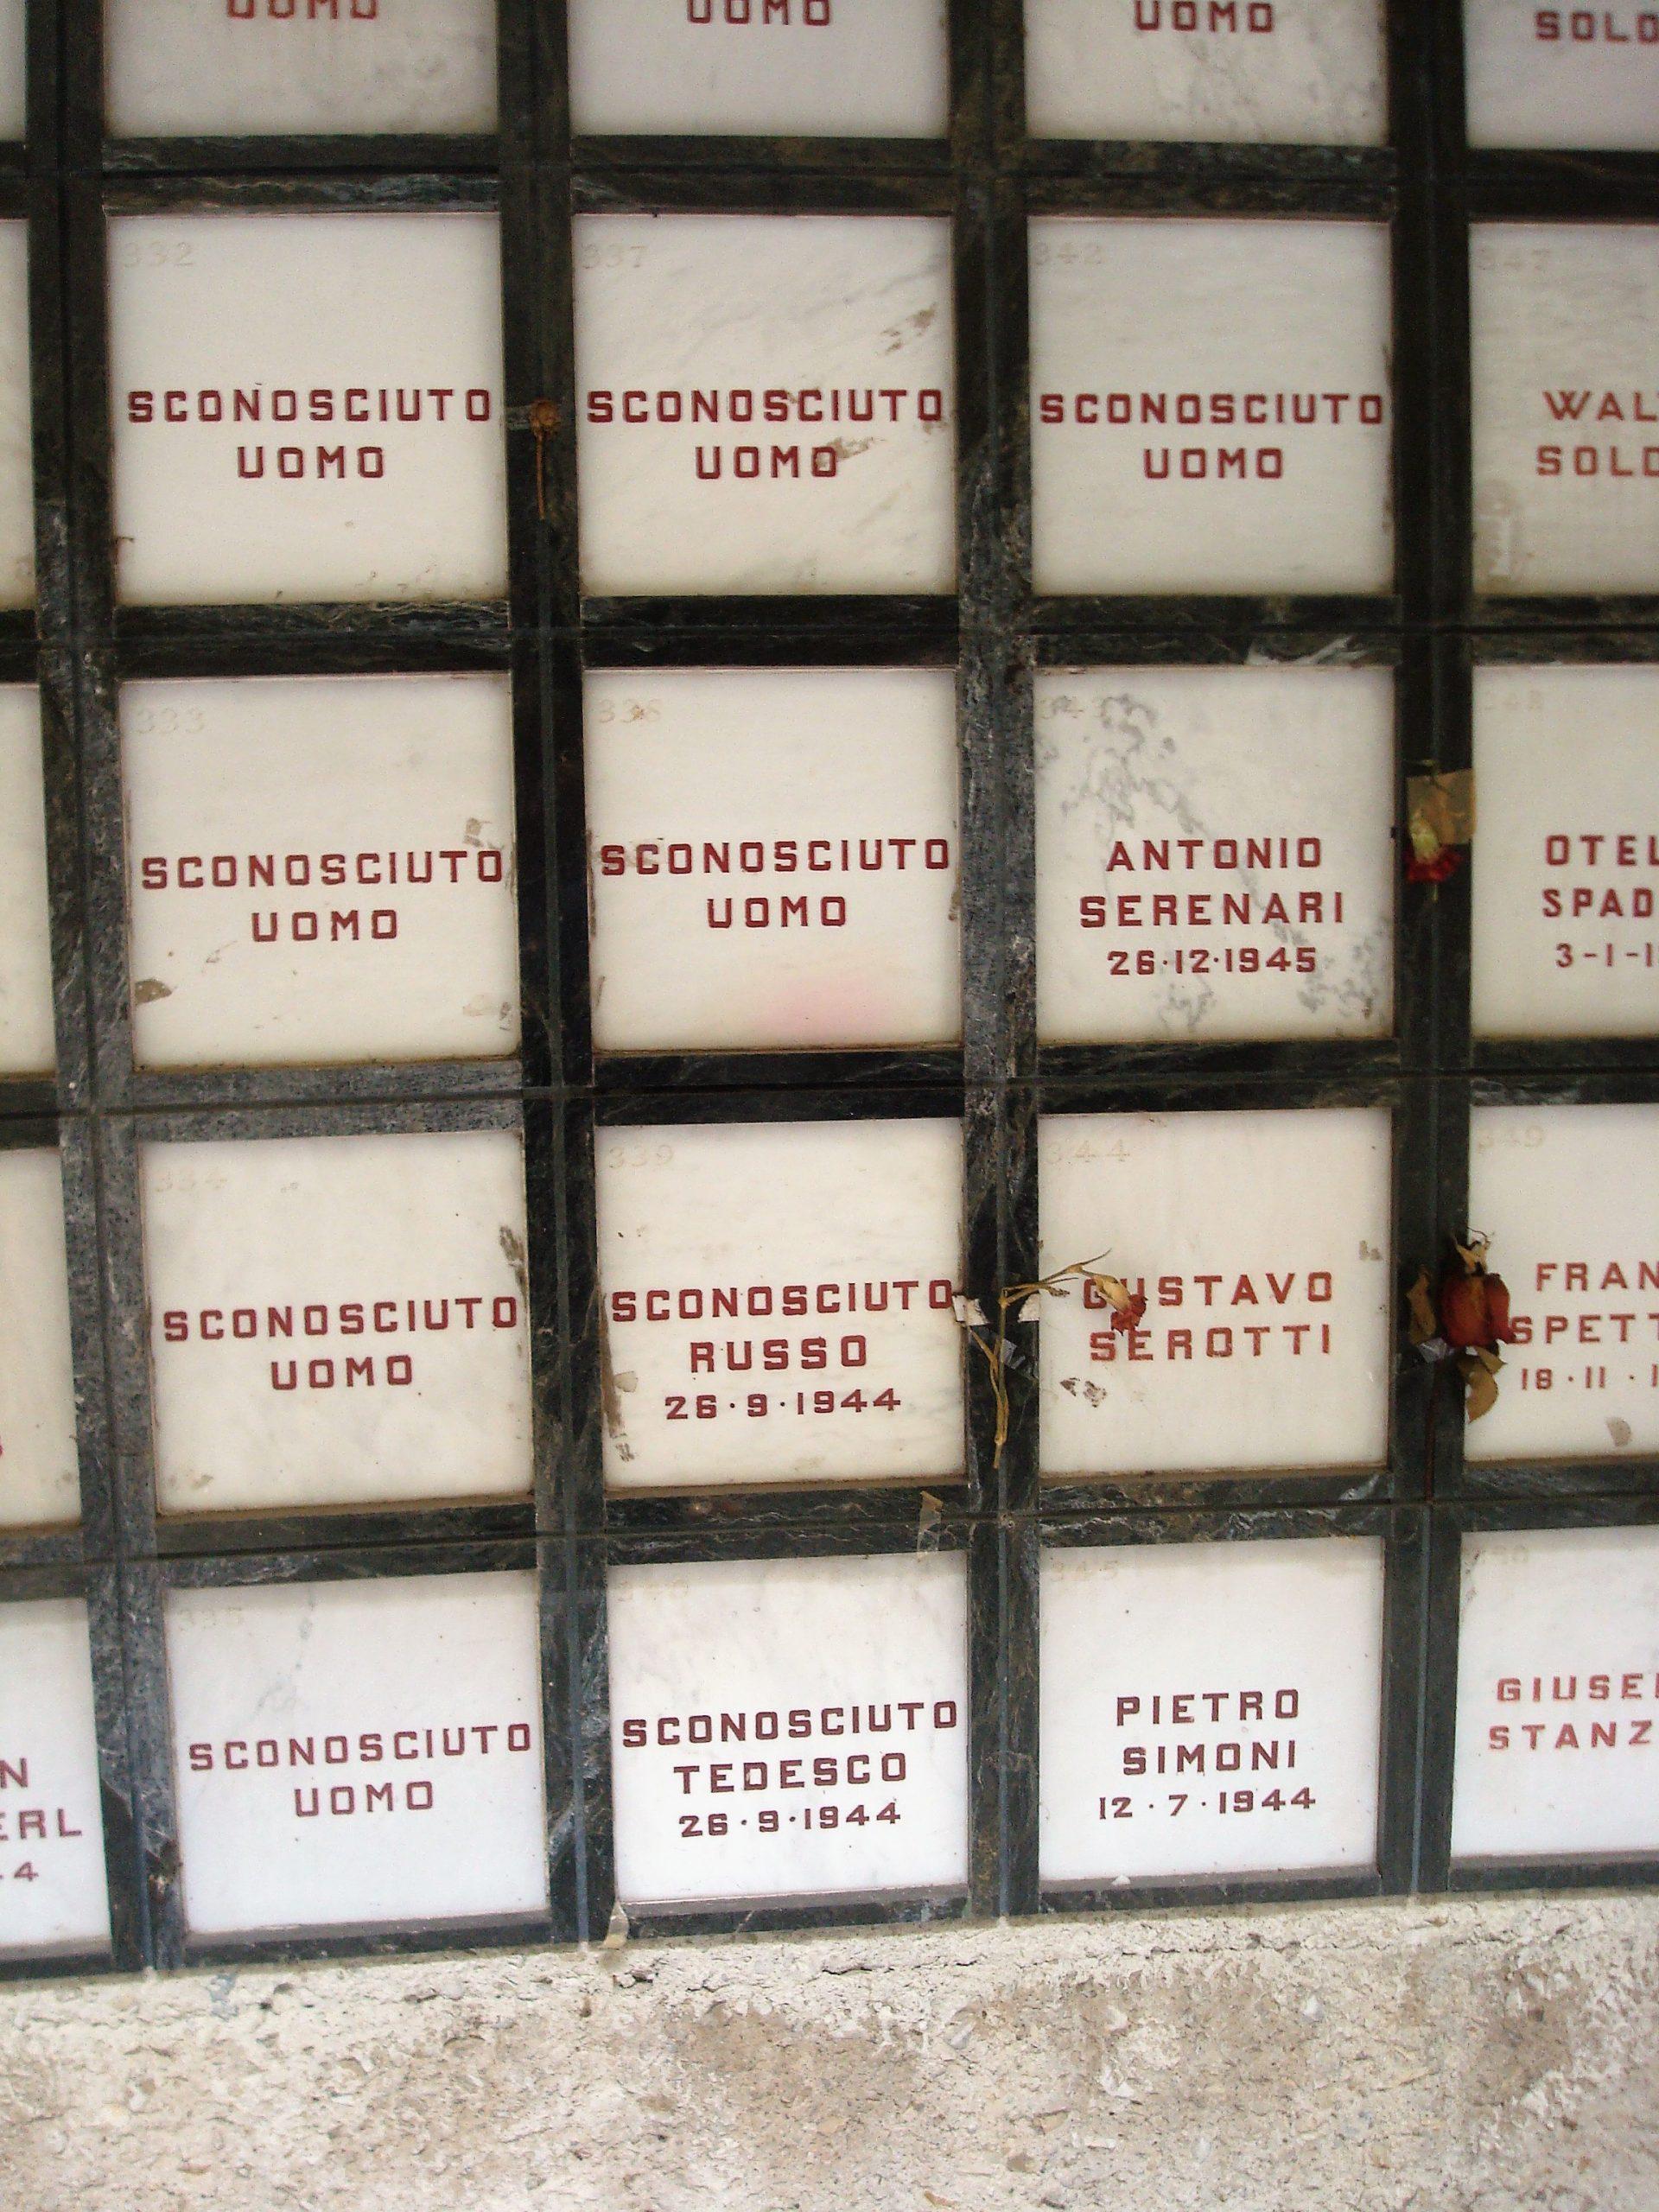 """Tomba di """"Sconosciuto russo"""", che riporta la data del 26-9-1944 al Monumento Ossario dei Caduti della Resistenza alla Certosa di Bologna. Da notare che sotto, con la stessa data, risulta caduto, probabilmente fucilato insieme a lui anche uno """"Sconosciuto tedesco""""."""